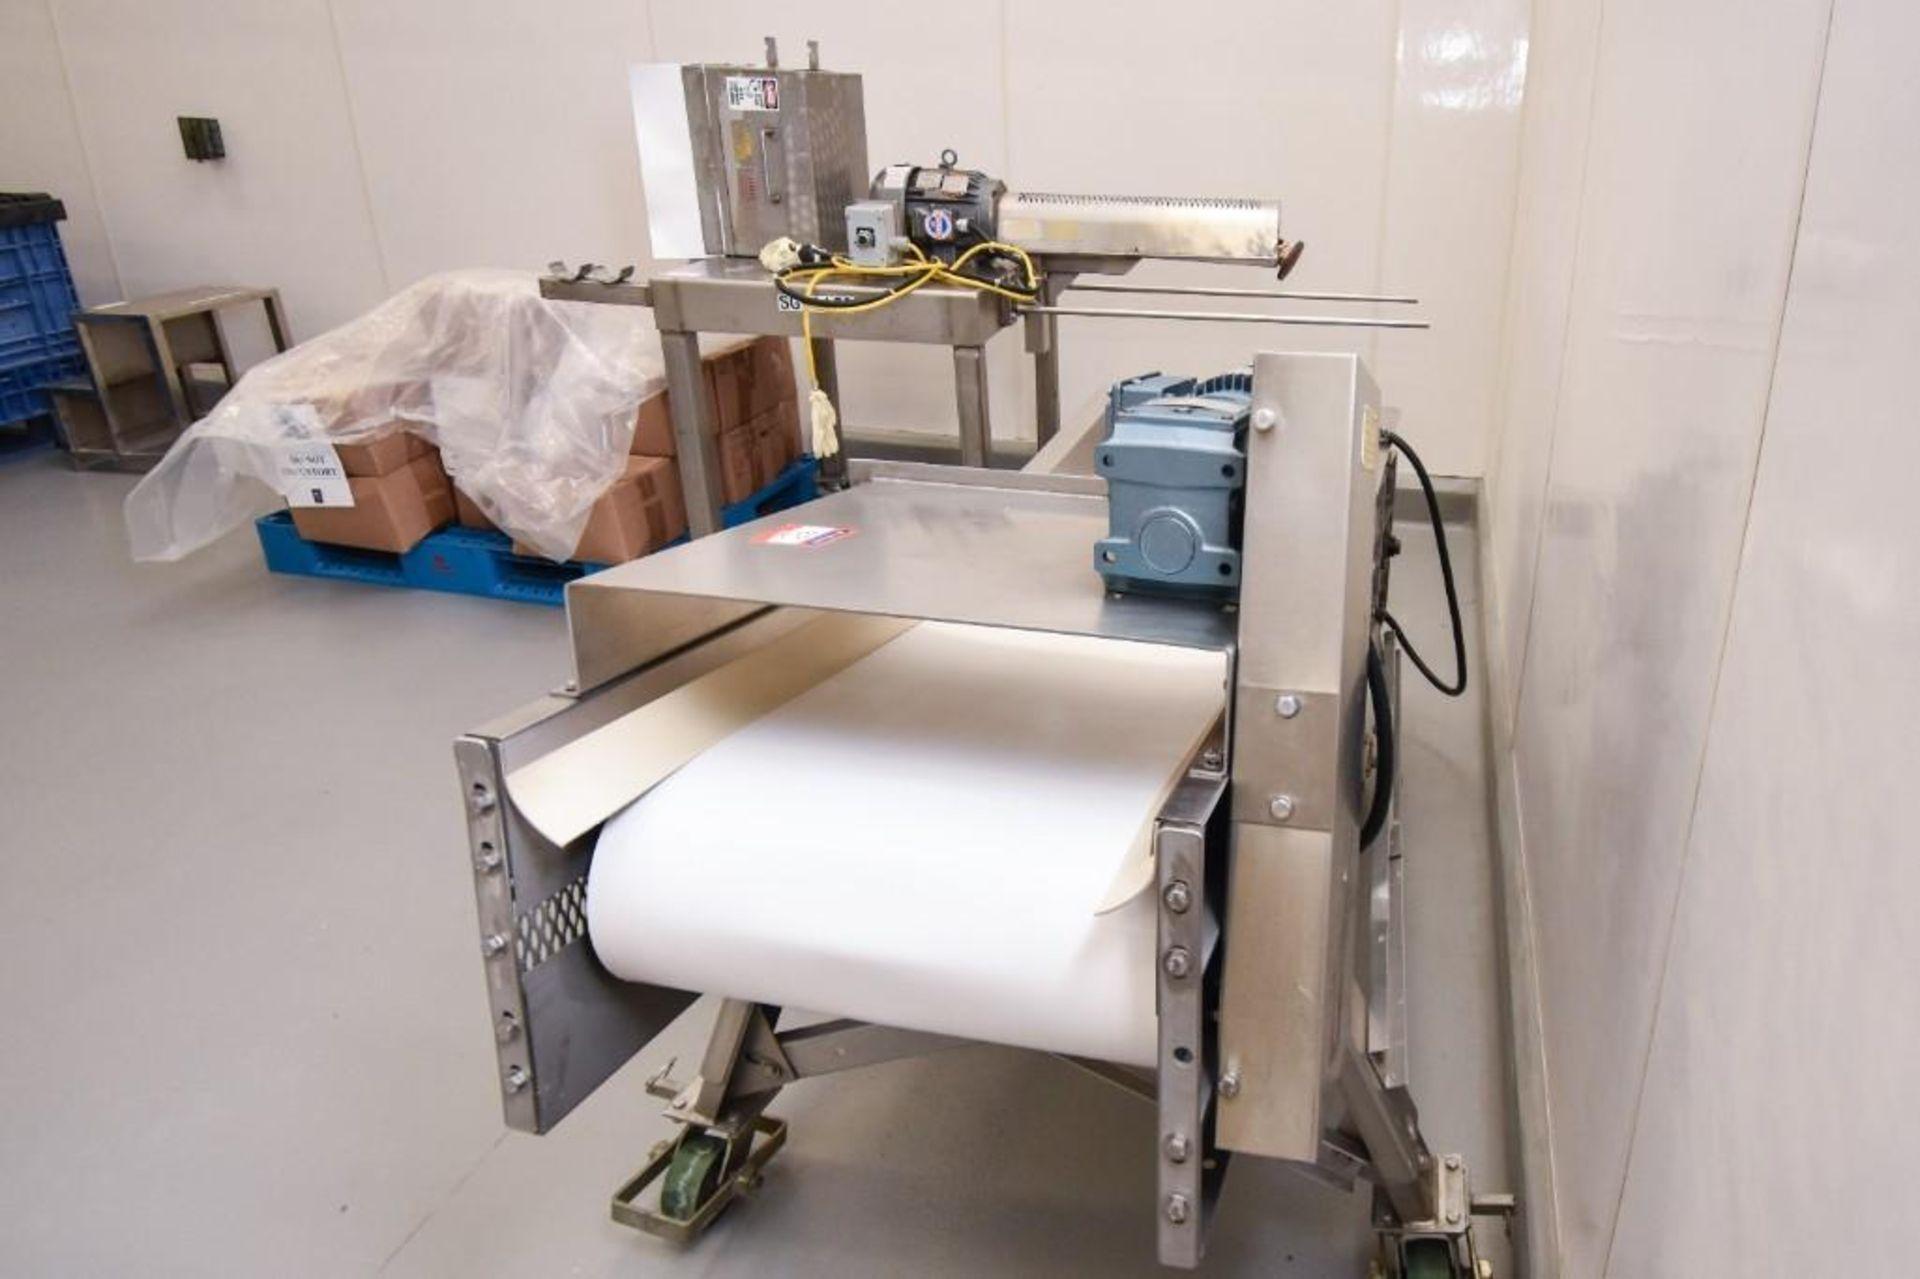 Conveyor - Image 7 of 9